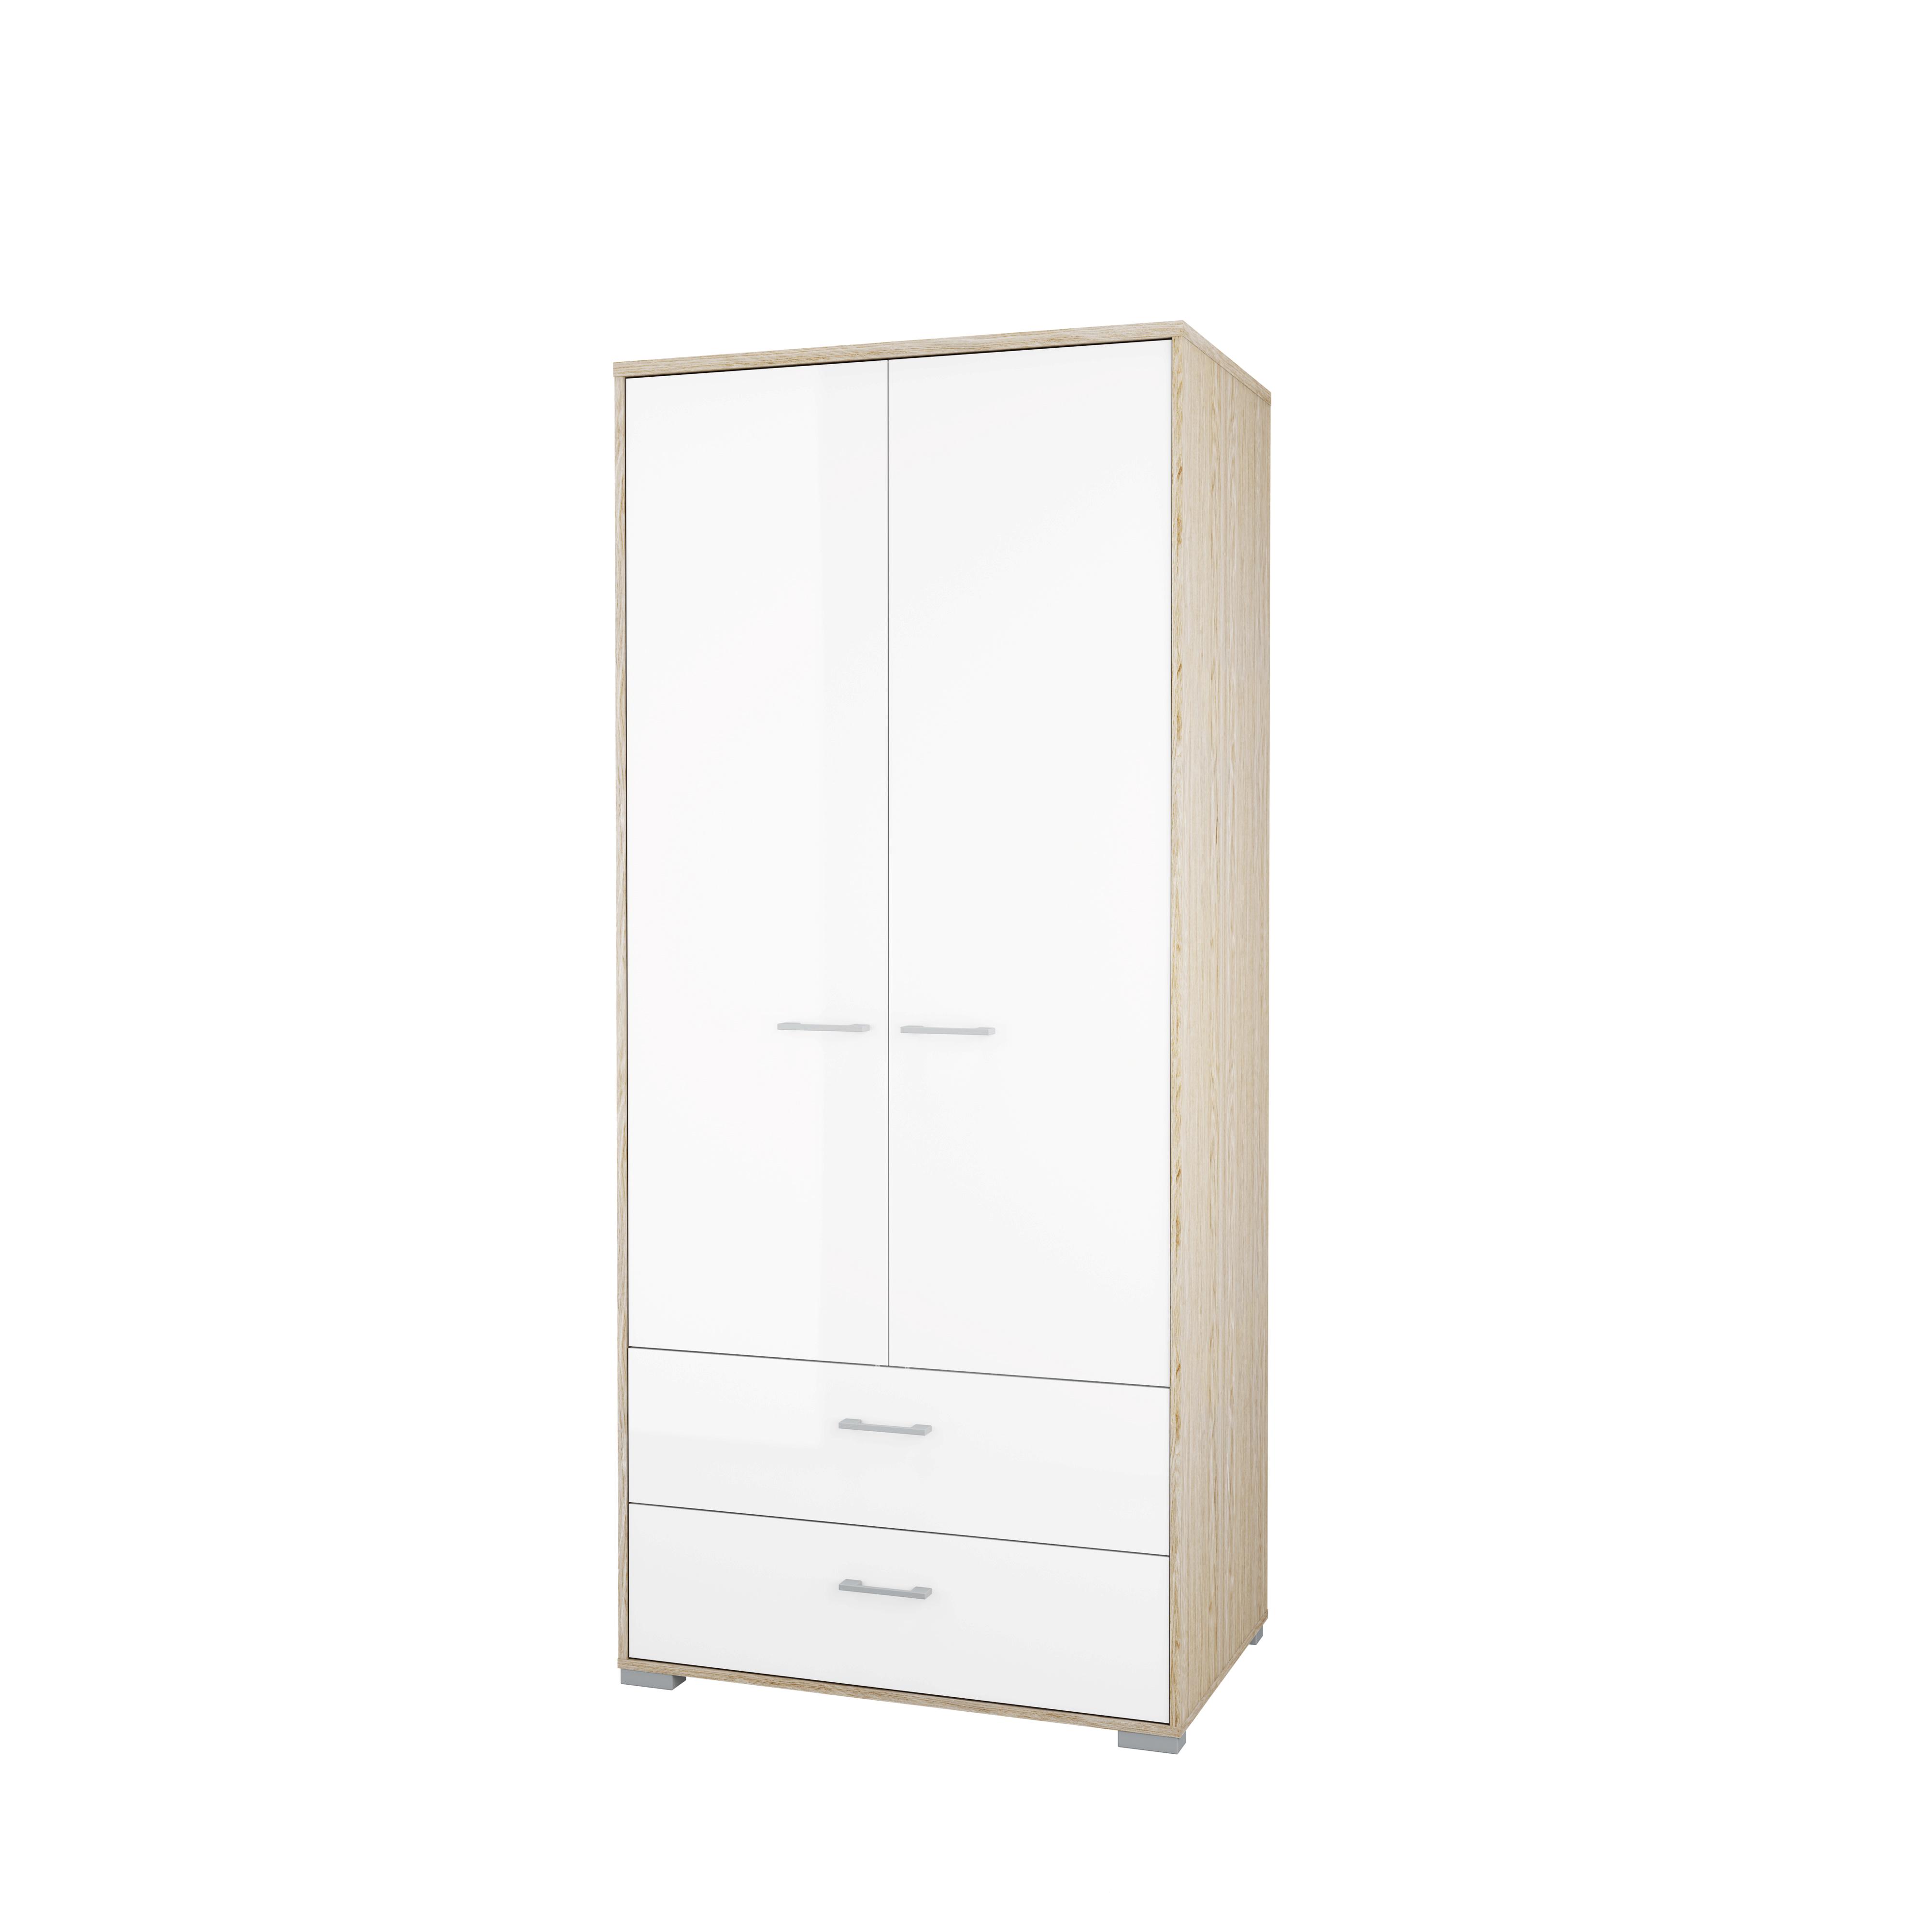 Homeline garderobeskab - hvid/natur træ, m. 2 låger og 2 skuffer